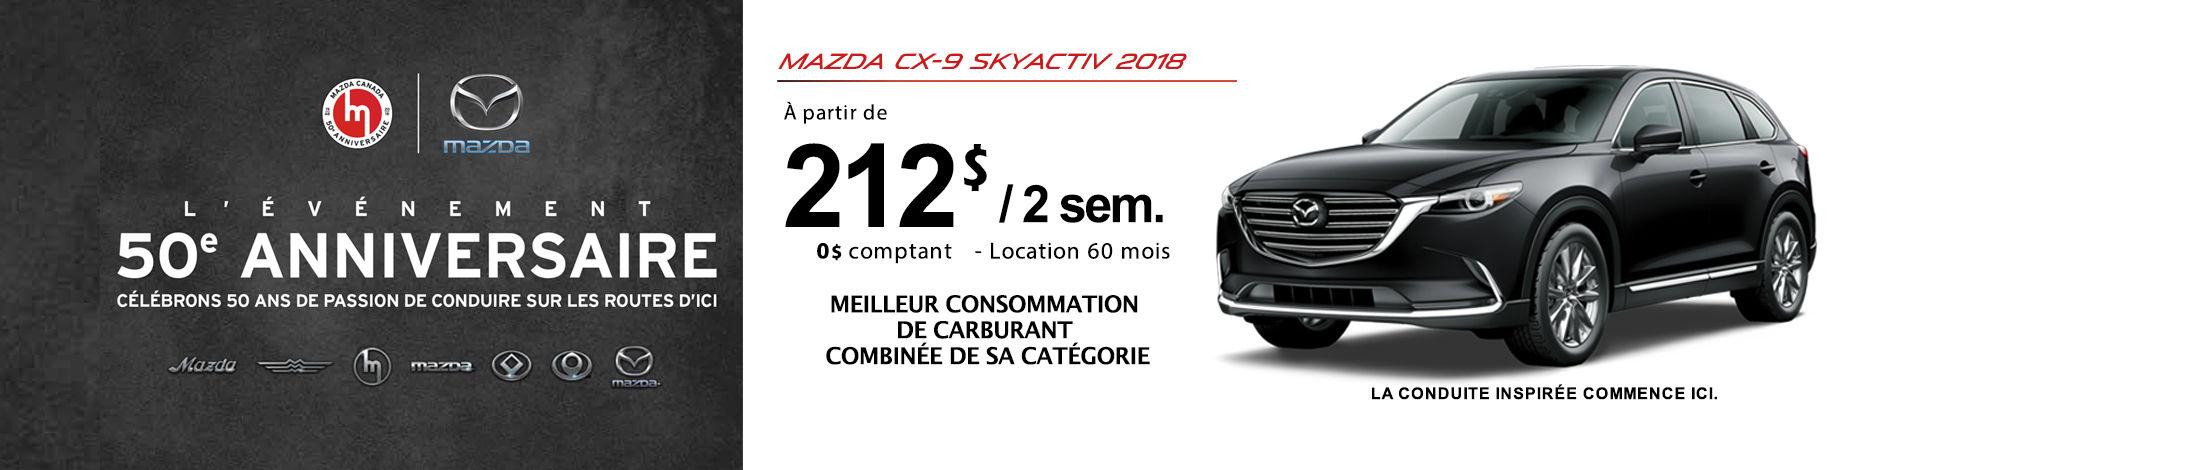 Mazda CX-9 2018 Banniere